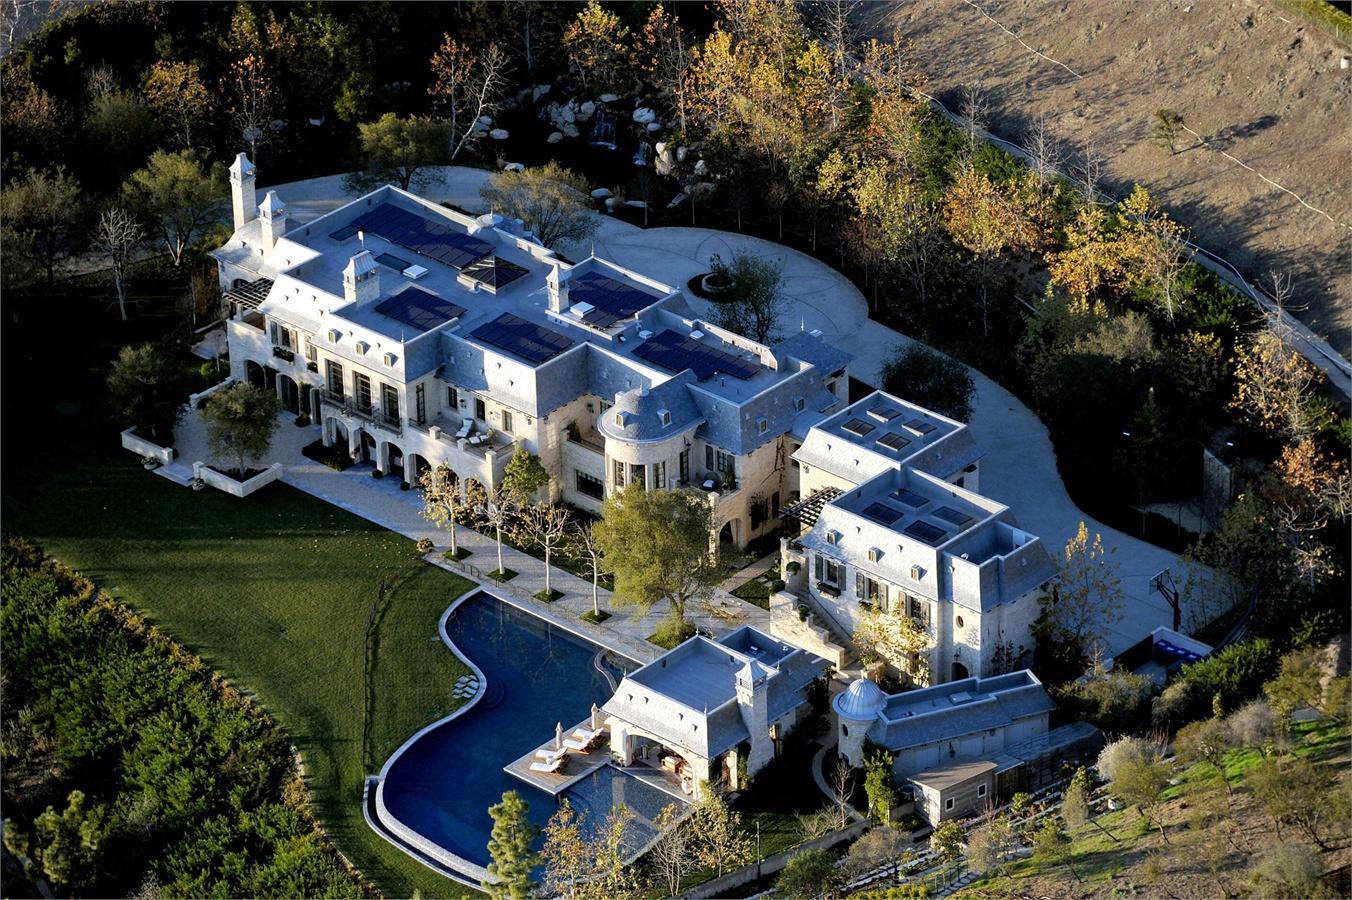 La super villa della top model gisel bundchen in vendita for Case da sogno a buon mercato